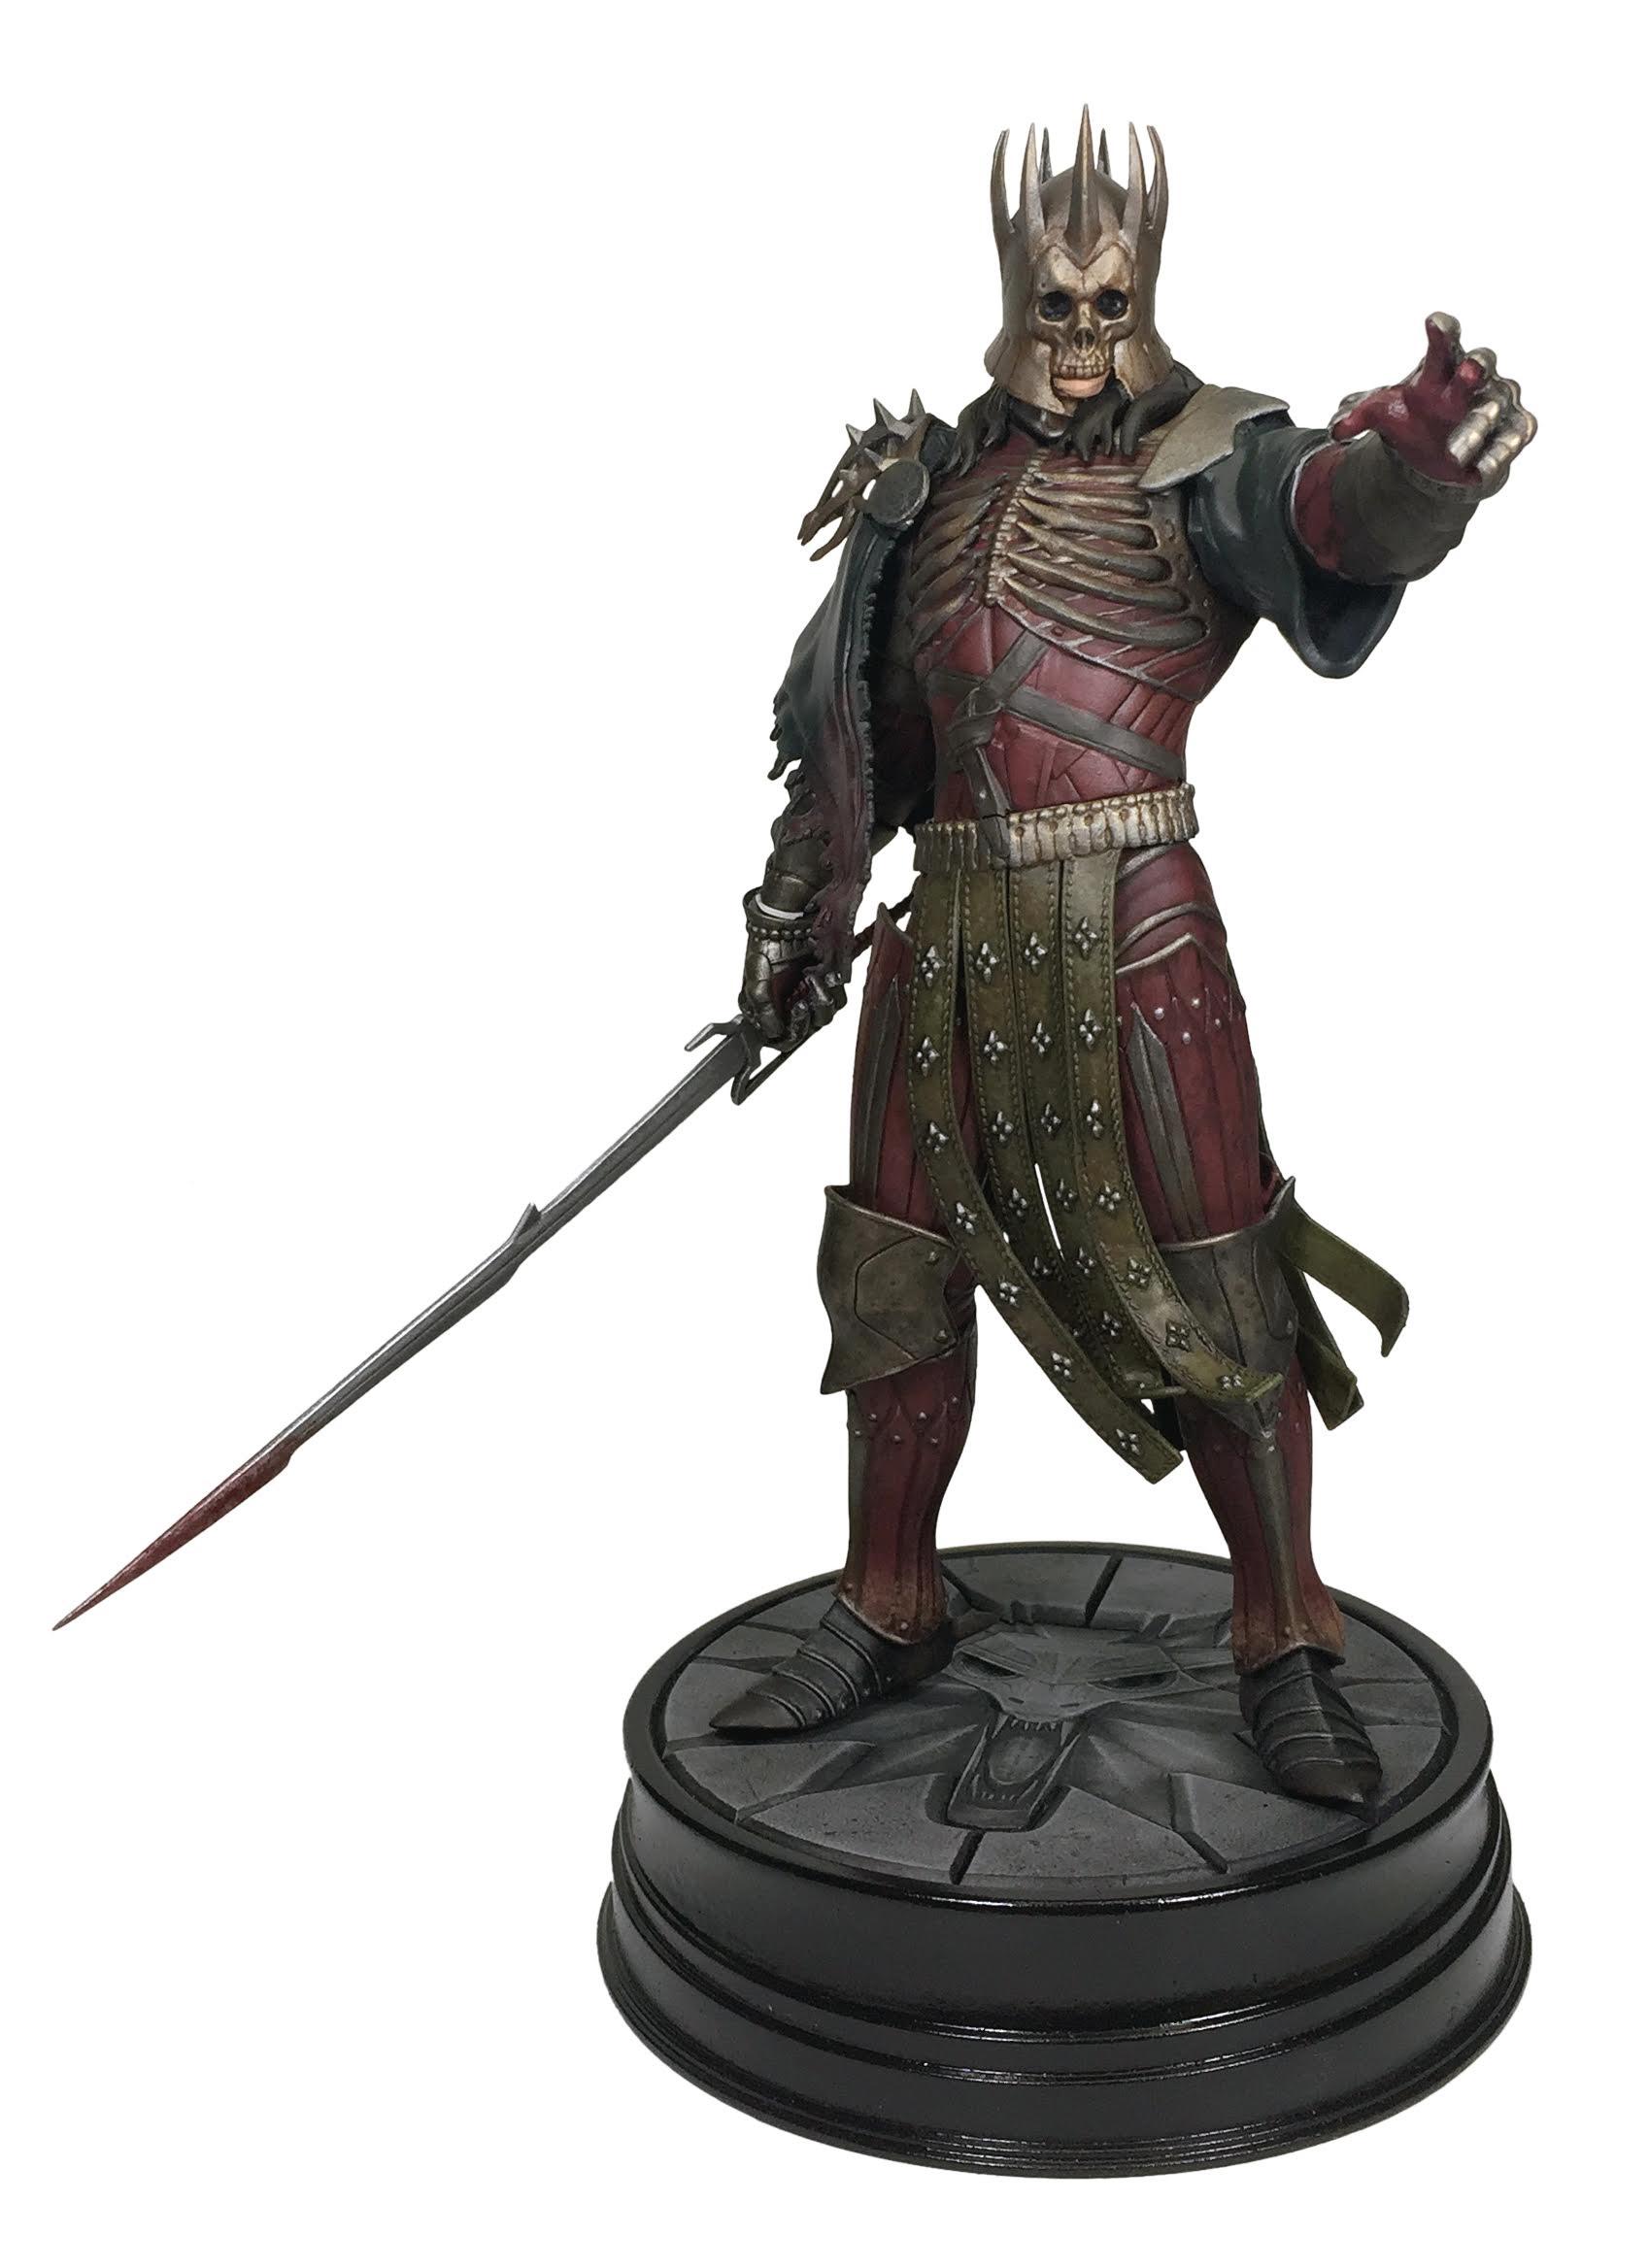 Фигурка Witcher 3: Wild Hunt. King Of The Wild Hunt Eredin (20 см)Представляем вашему вниманию фигурку Witcher 3: Wild Hunt. King Of The Wild Hunt Eredin, созданную по мотивам популярной компьютерной игры «Ведьмак 3: Дикая охота».<br>